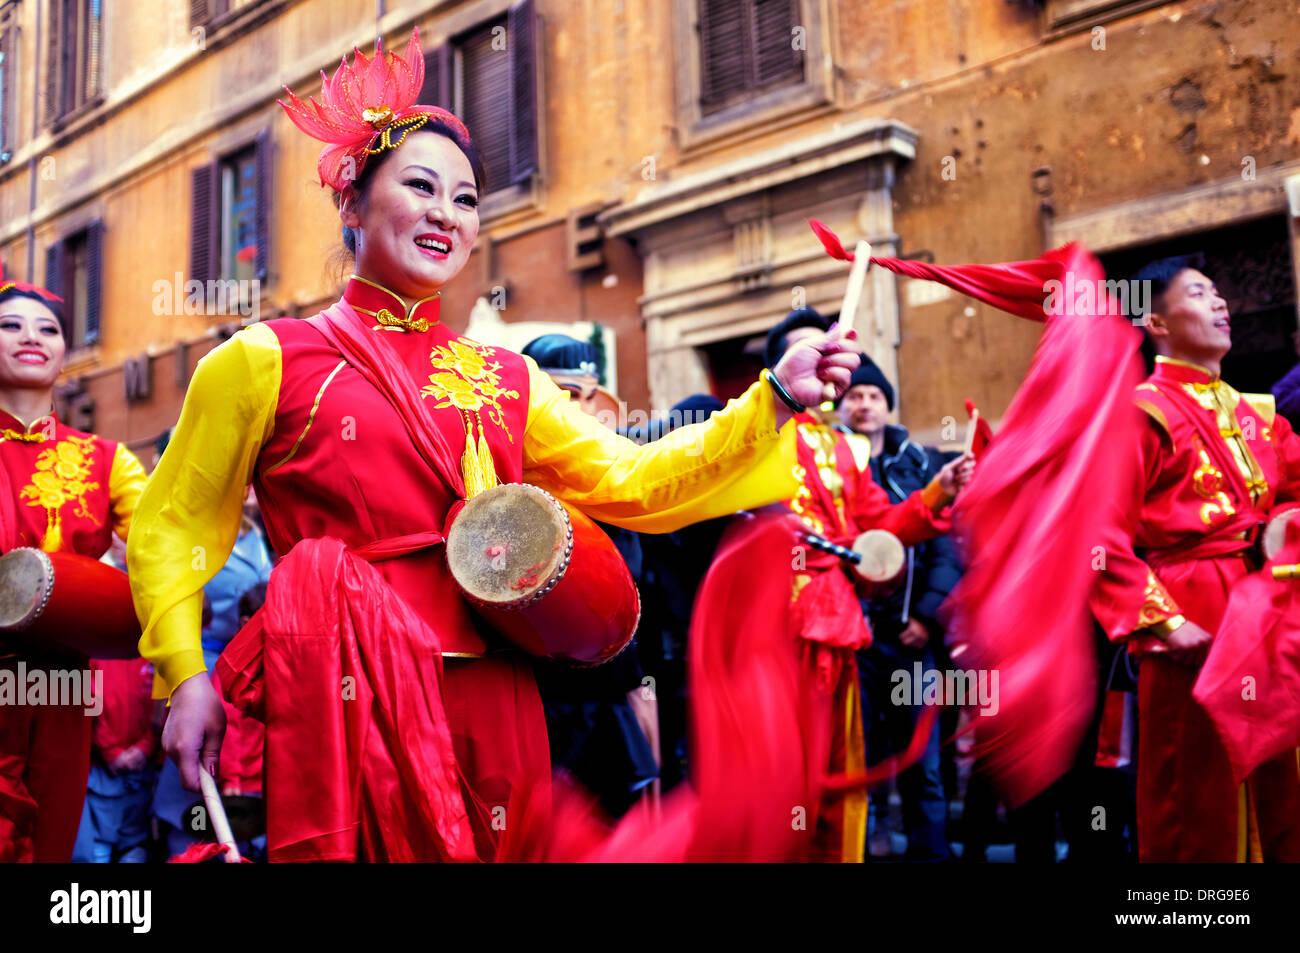 Roma, Italia, 25 de enero de 2014 los artistas celebran el Año Nuevo Chino en la Via del Corso. Según el calendario chino, este es el año del caballo Crédito: Fabrizio Troiani/Alamy Live News Imagen De Stock